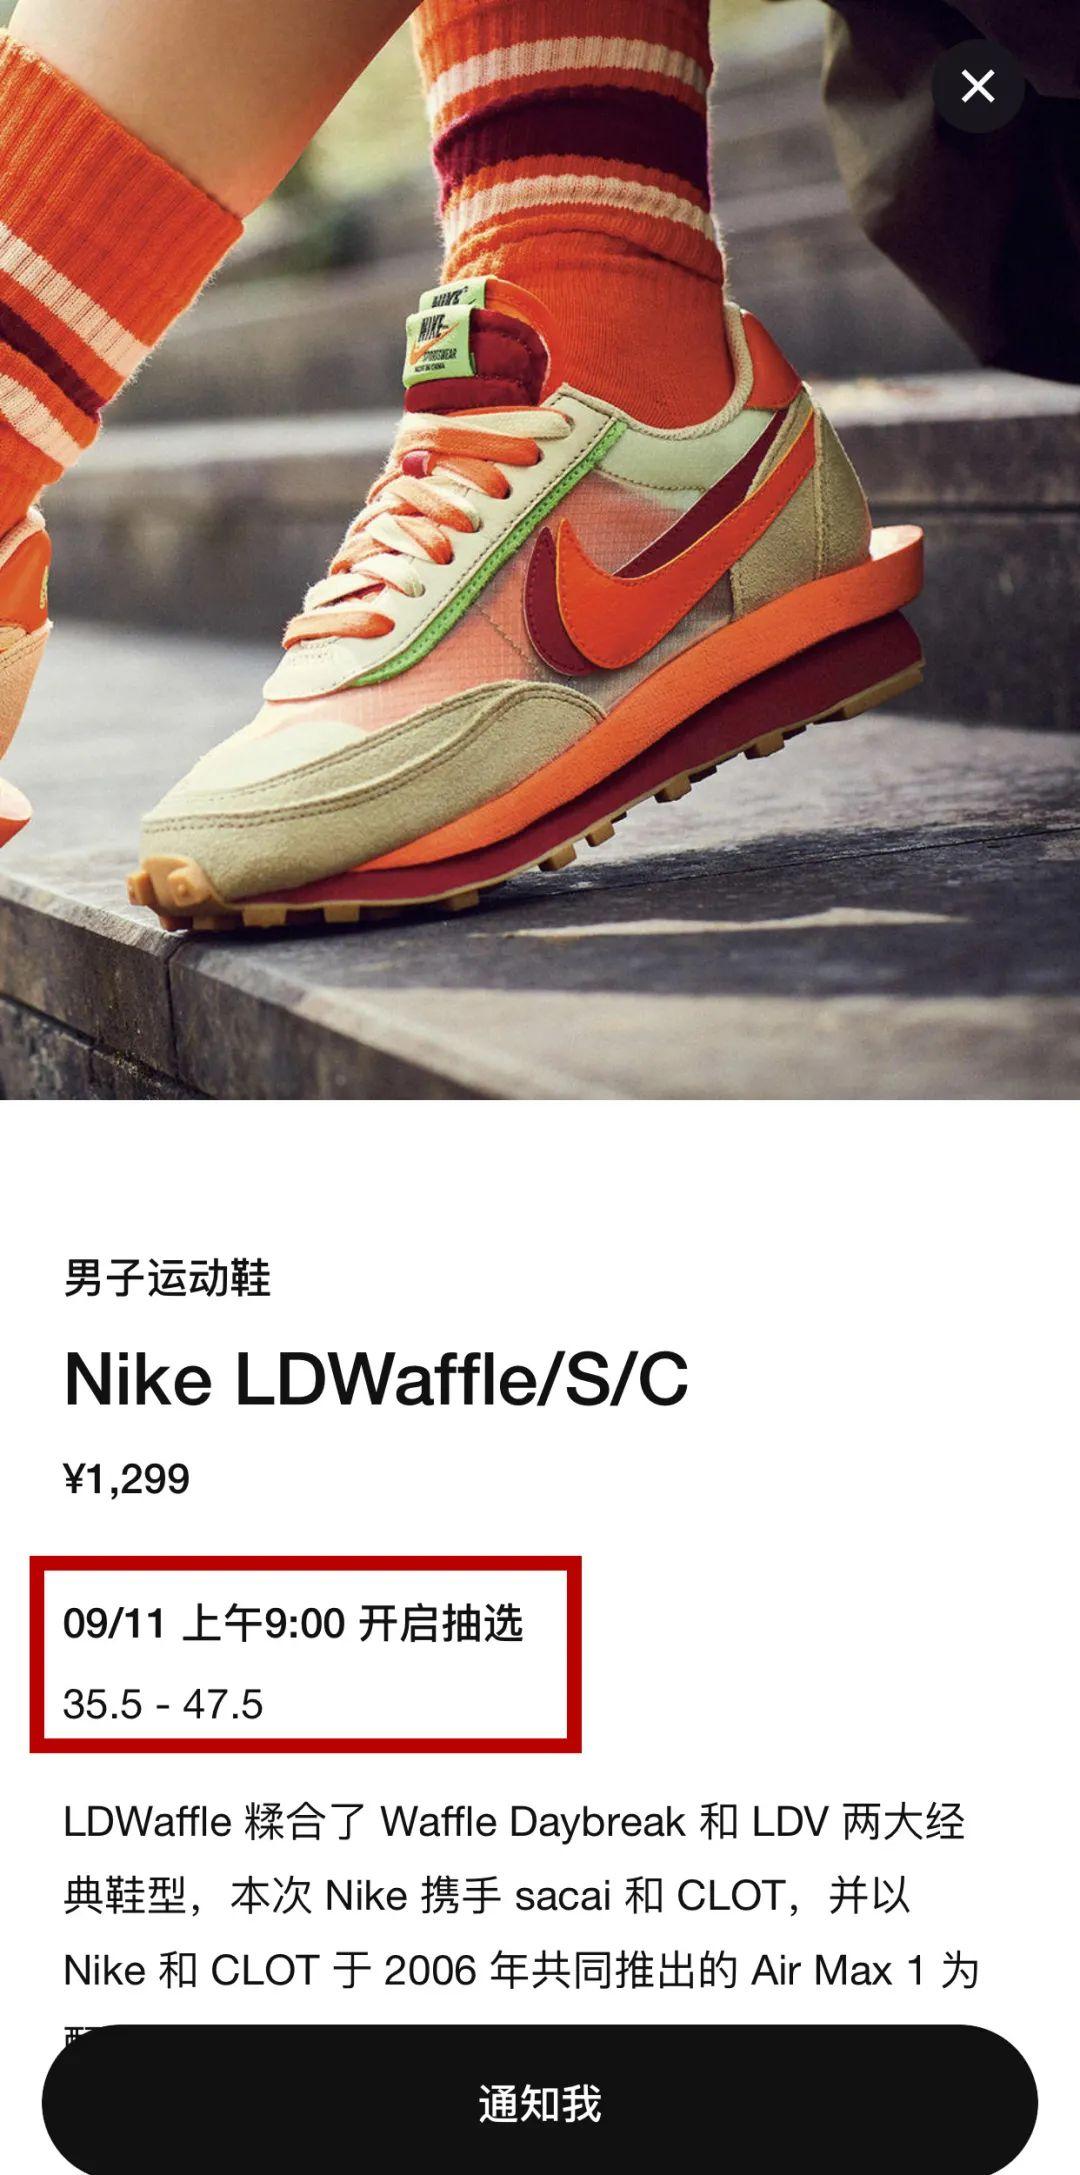 露脚趾?陈冠希Clot x sacai x 耐克联名中国10店抽签发售,速登记!